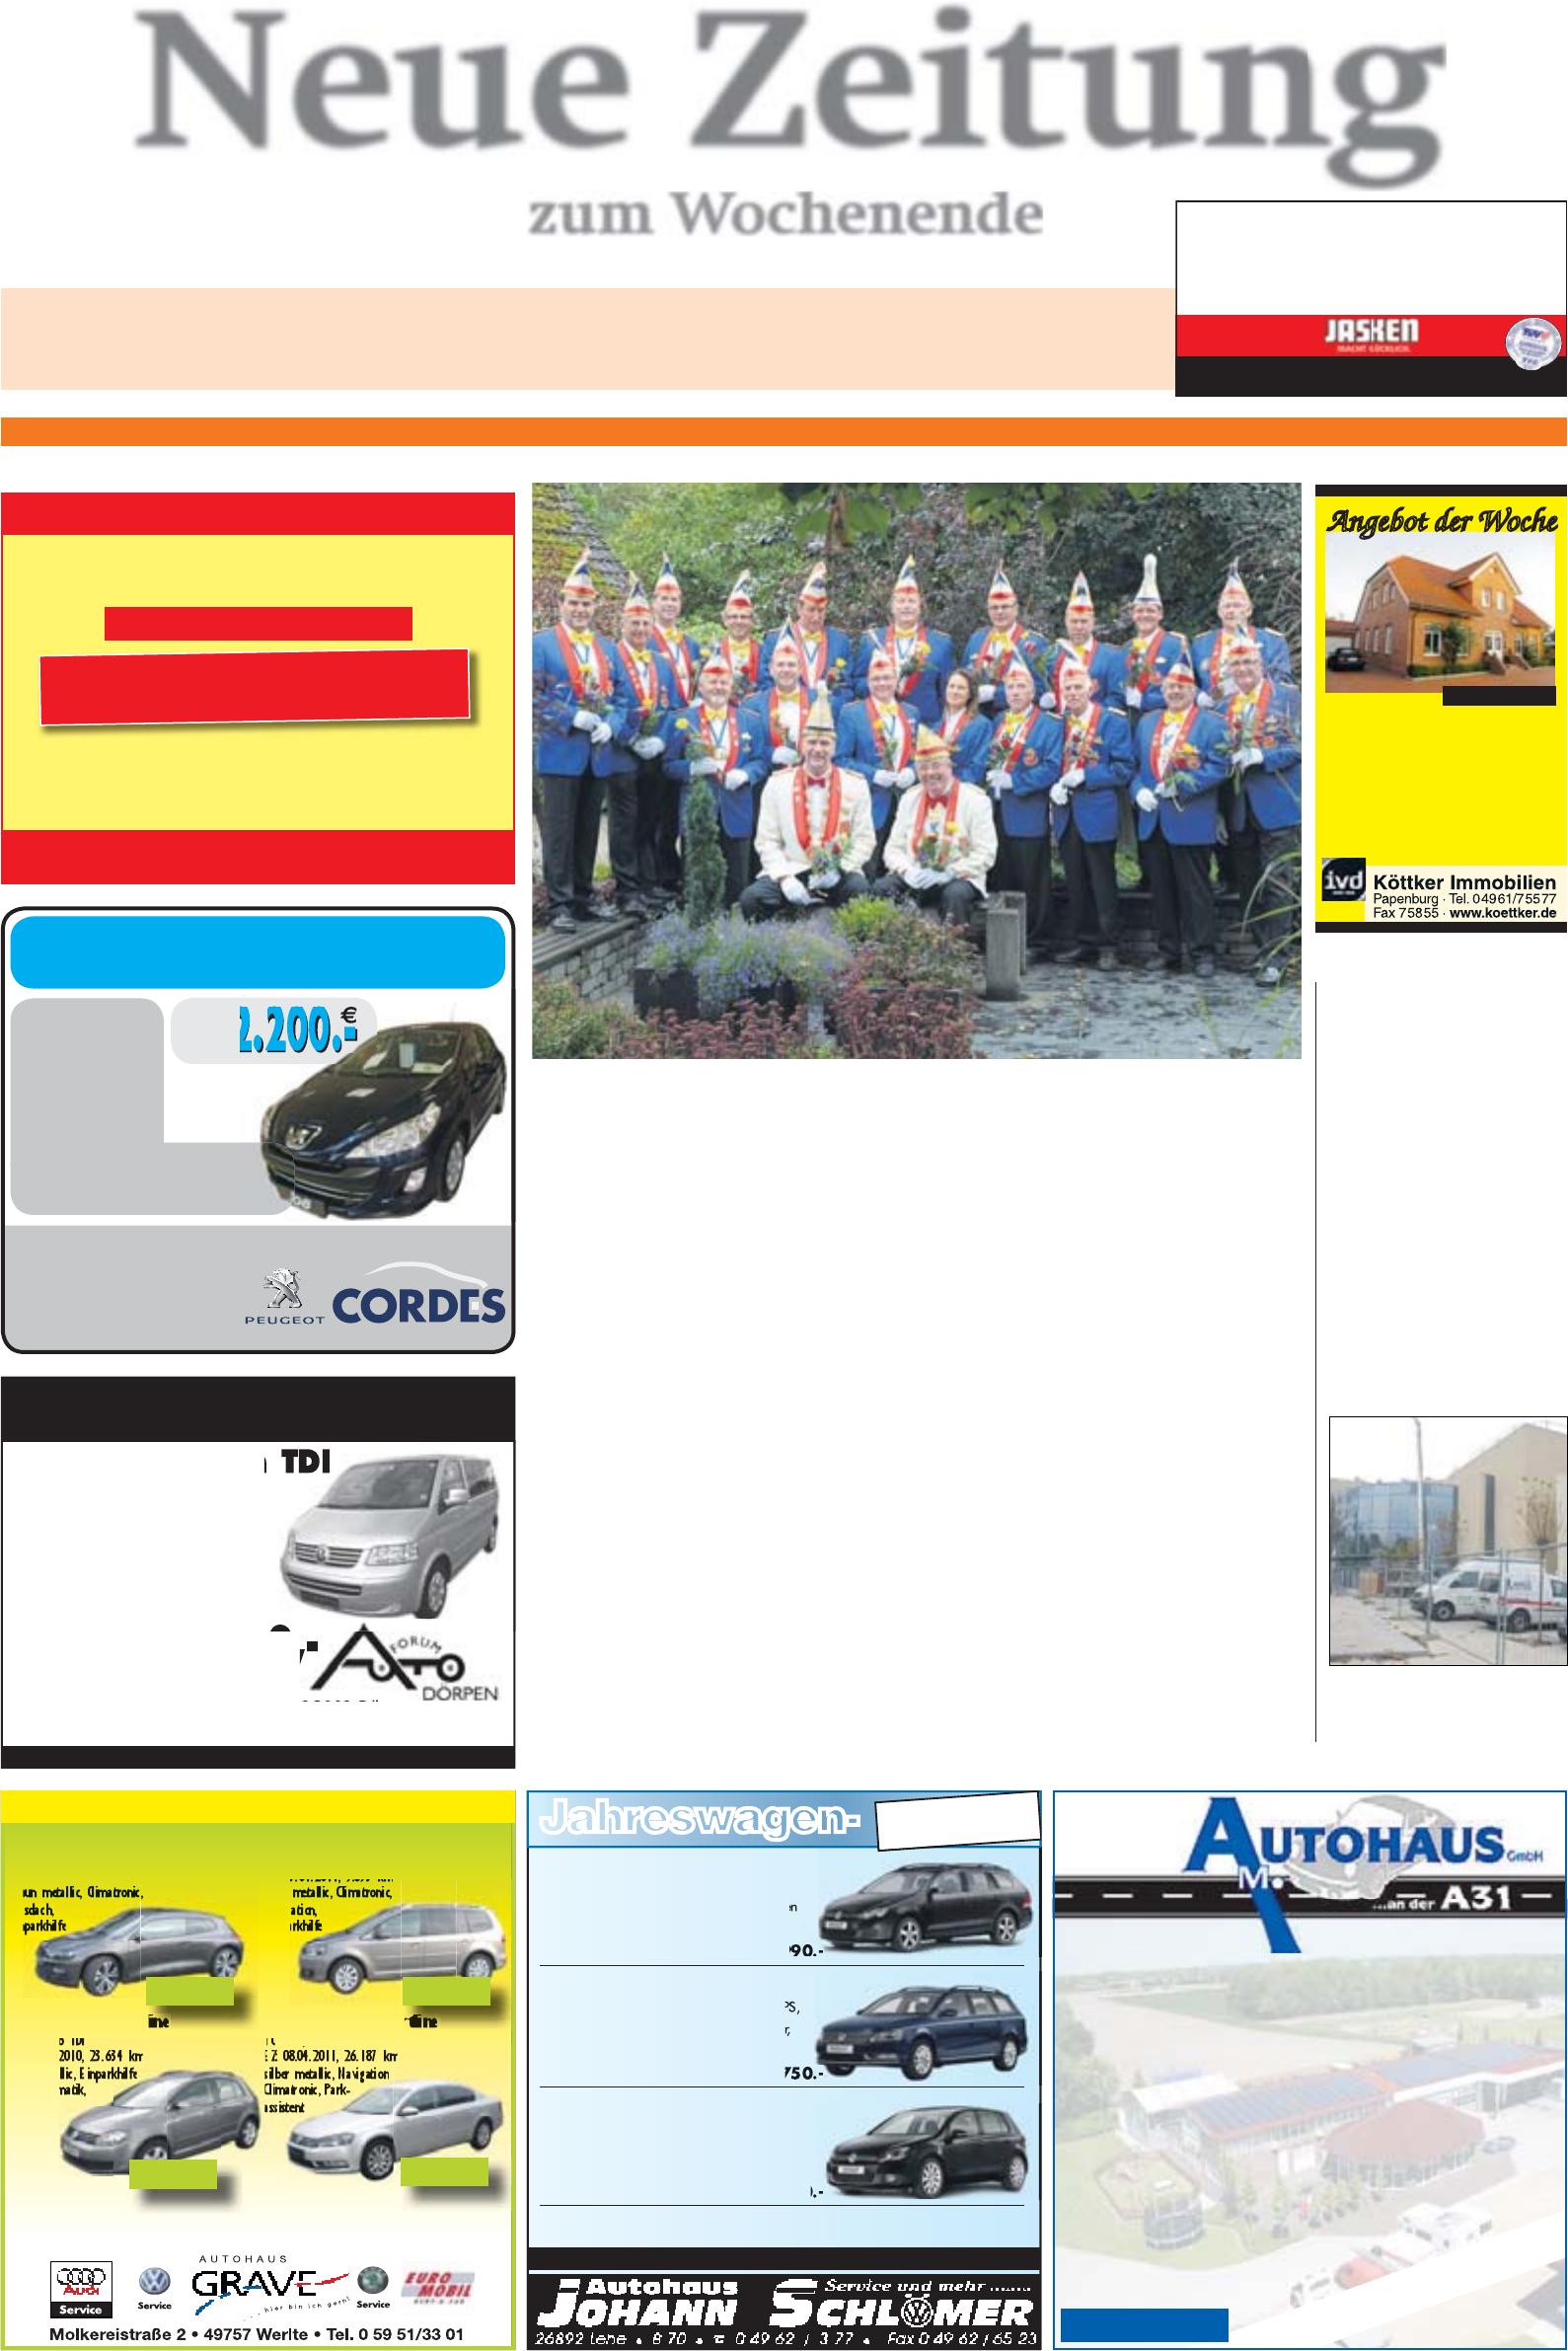 Baumwurzel Deko Garten Inspirierend Neue Zeitung Ausgabe Emsland Kw 45 [pdf Document]